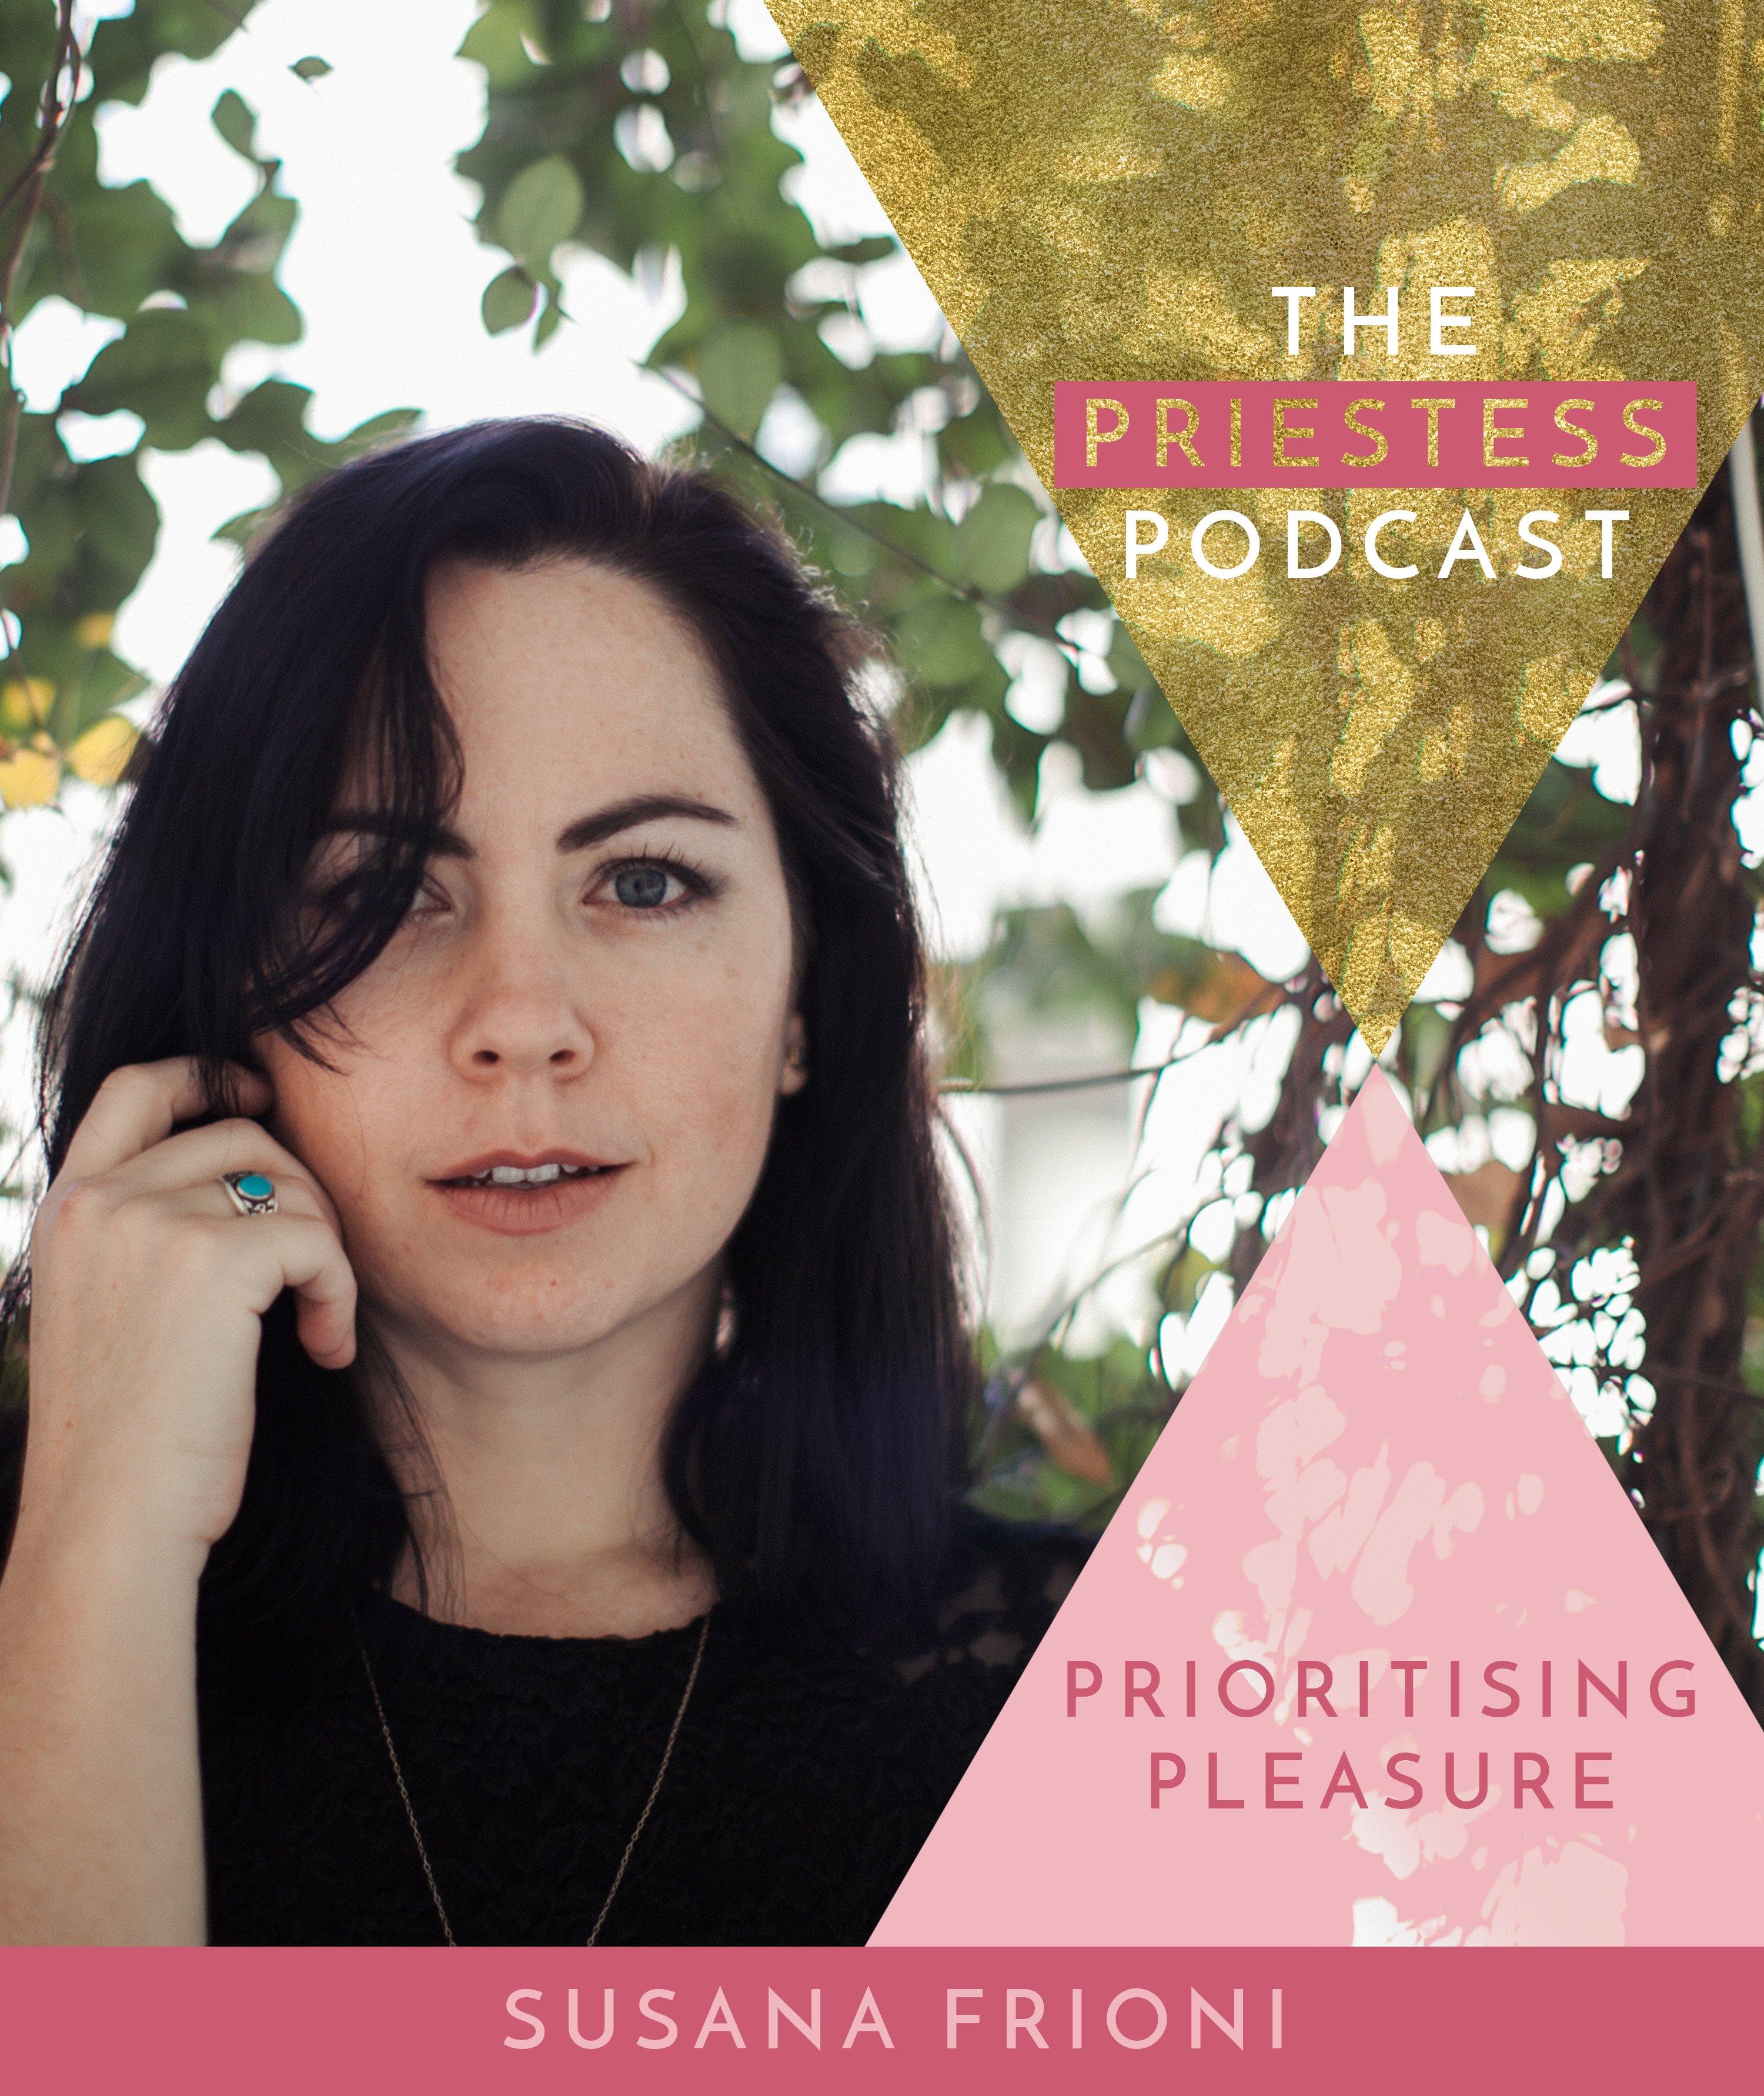 Susana Frioni on Prioritising Pleasure